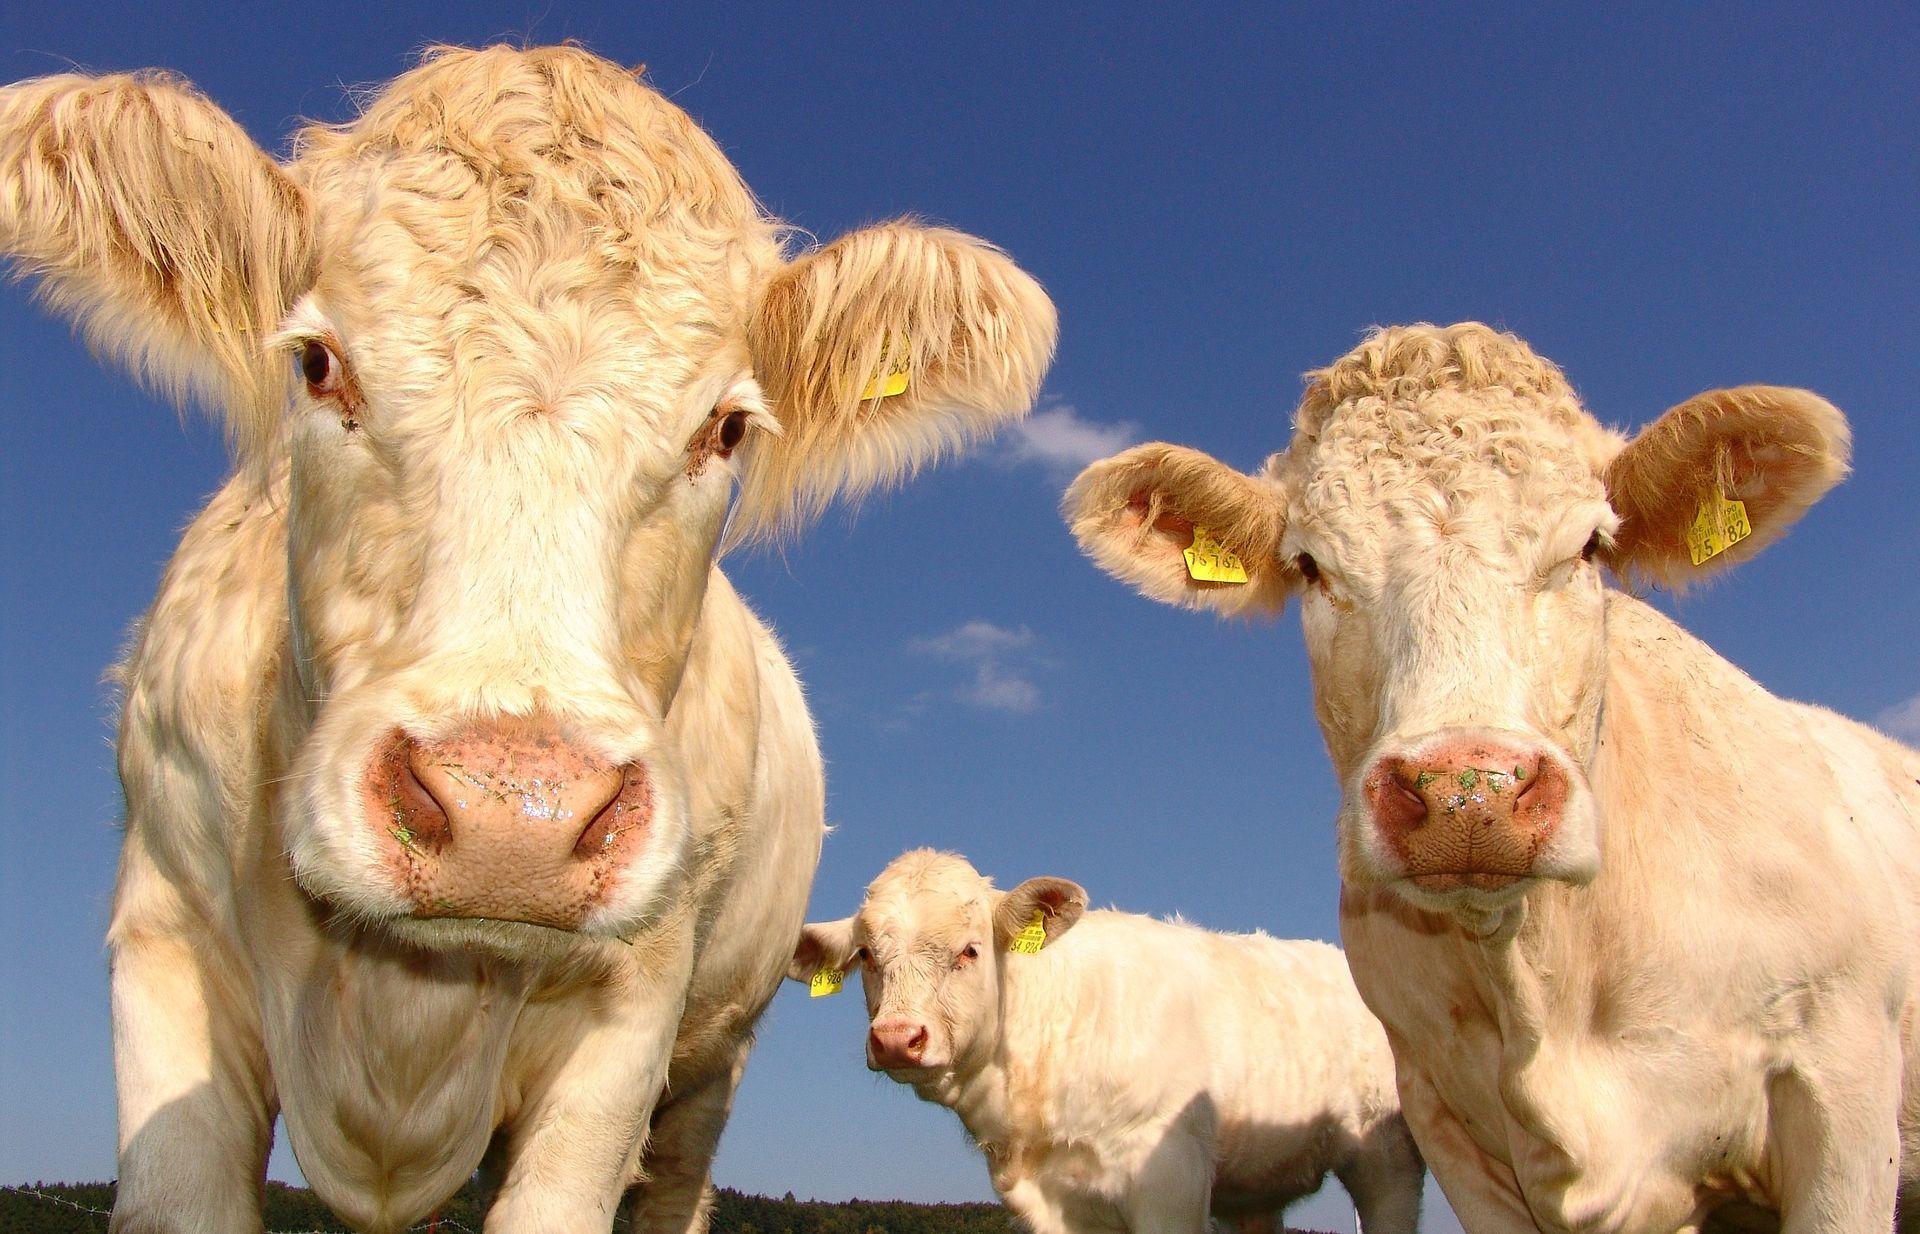 Kina gradi najveću tvornicu za kloniranje životinja